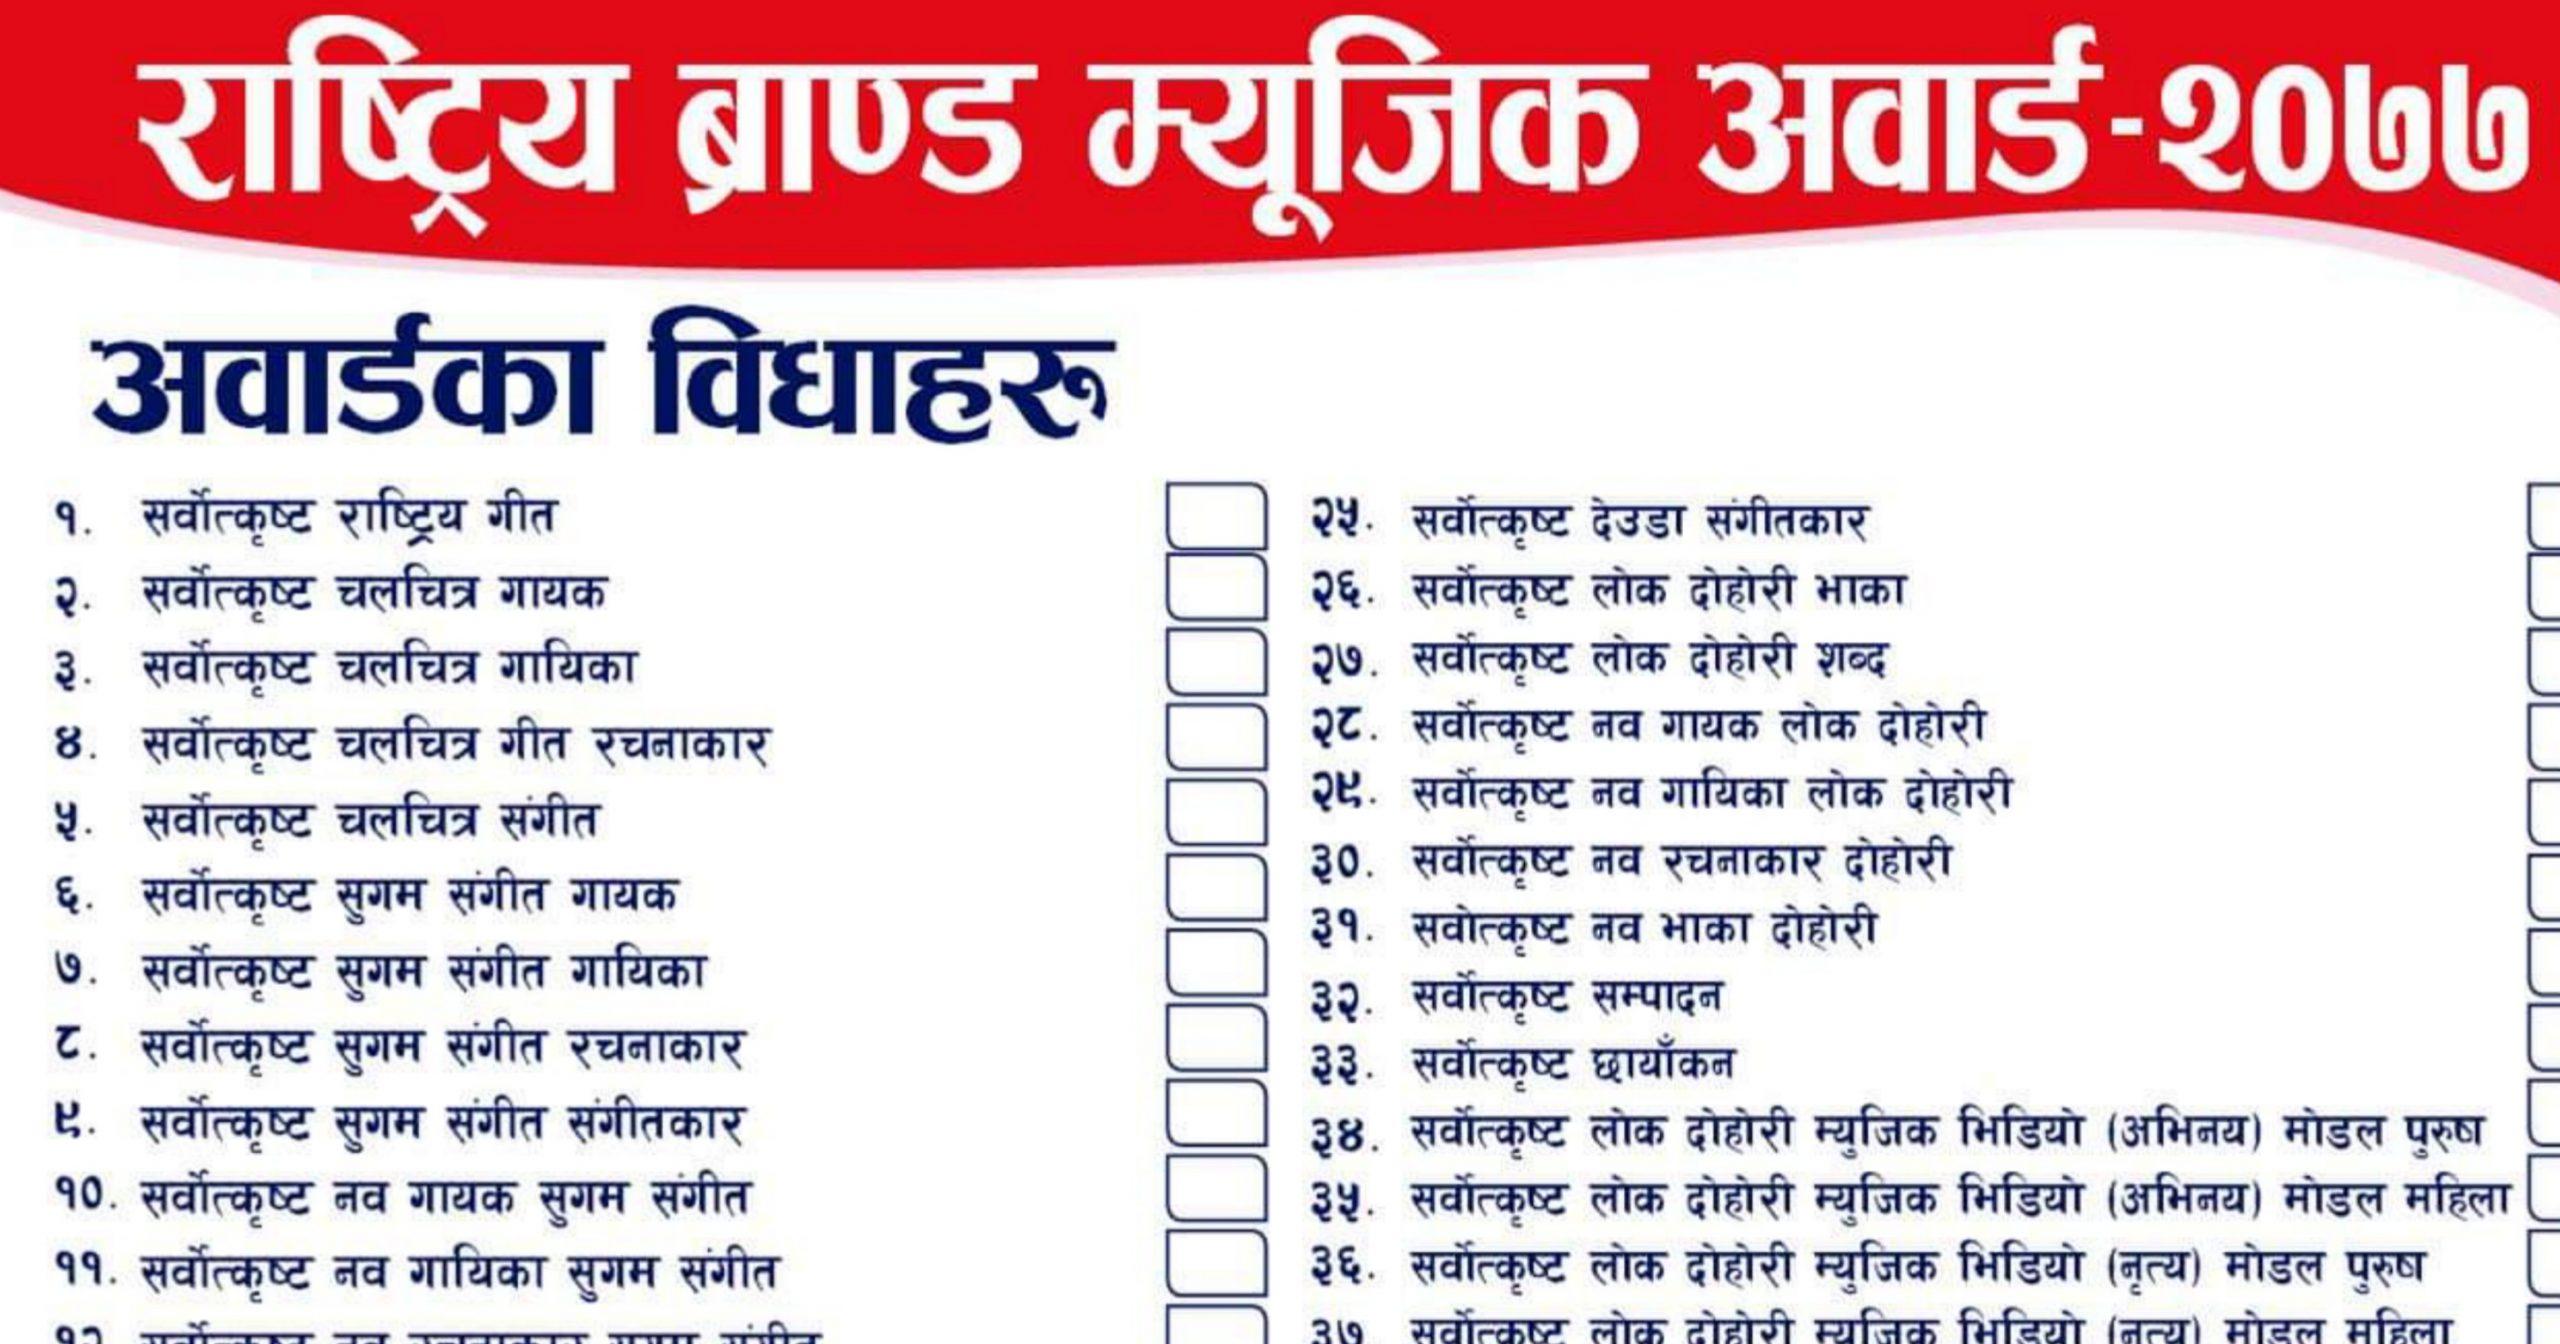 'राष्ट्रिय ब्रान्ड म्युजिक अवार्ड २०७७'को लागि ५१ विधामा फाराम खुल्ला